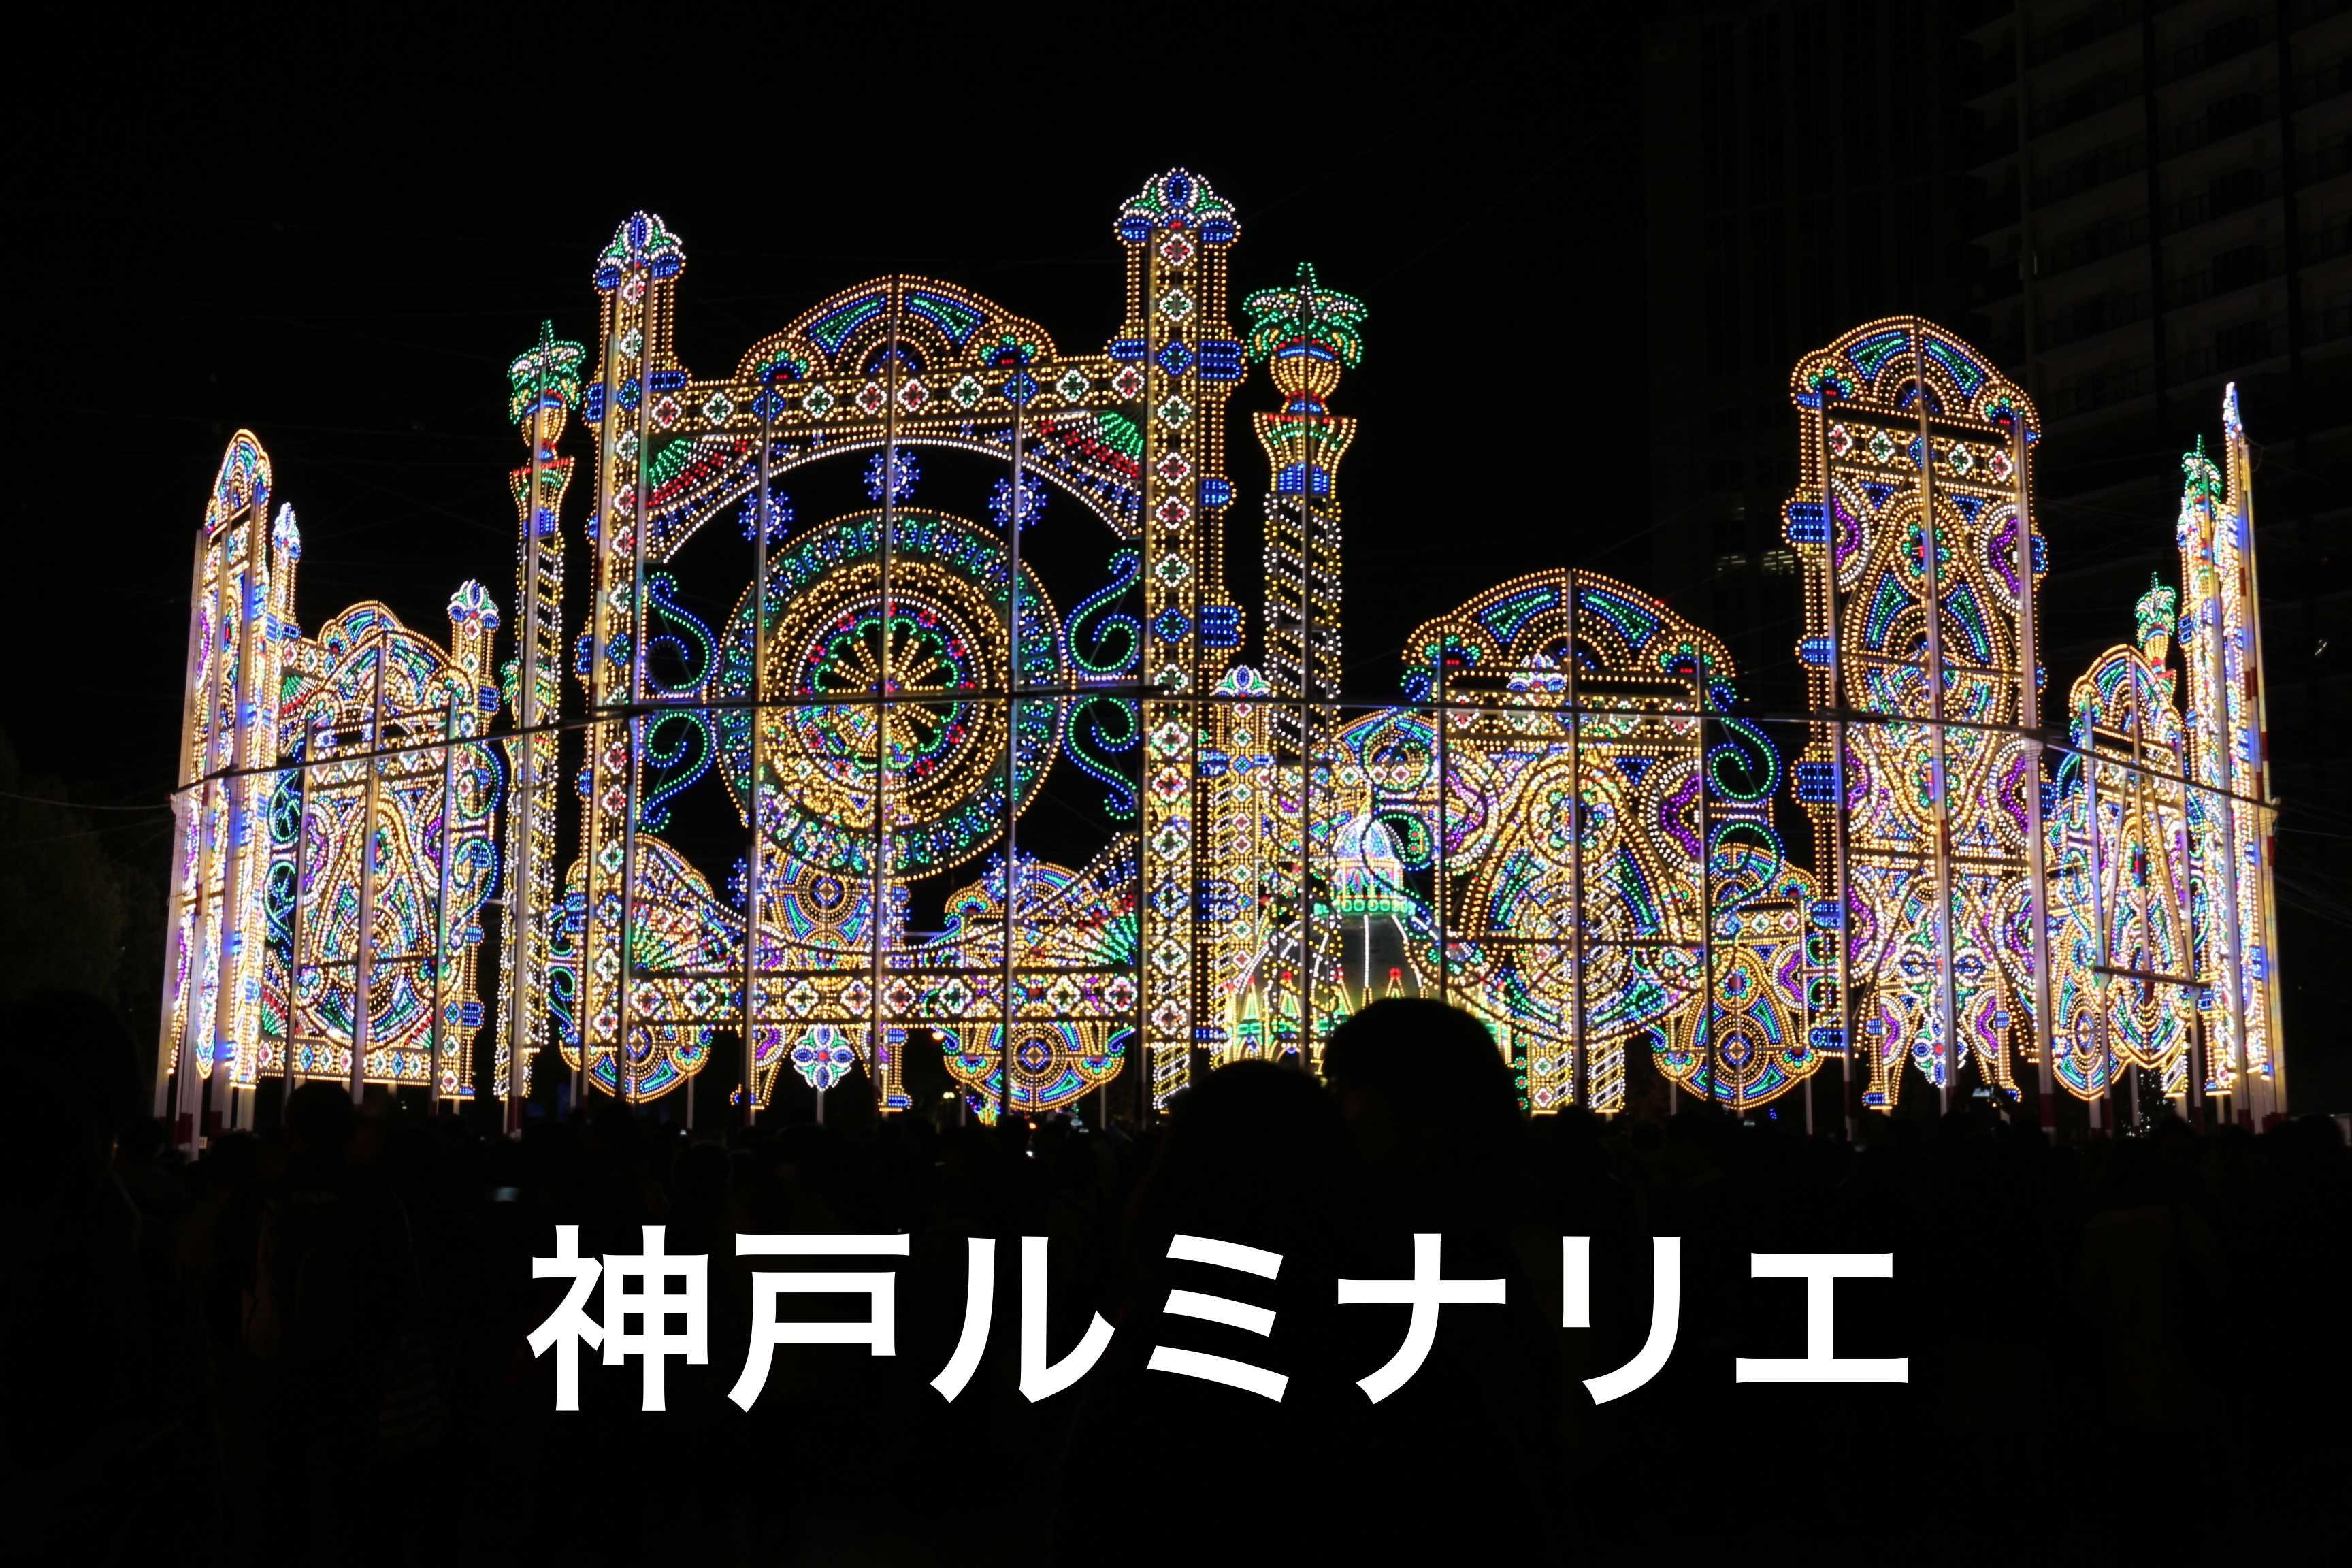 ルミナリエ 神戸新聞